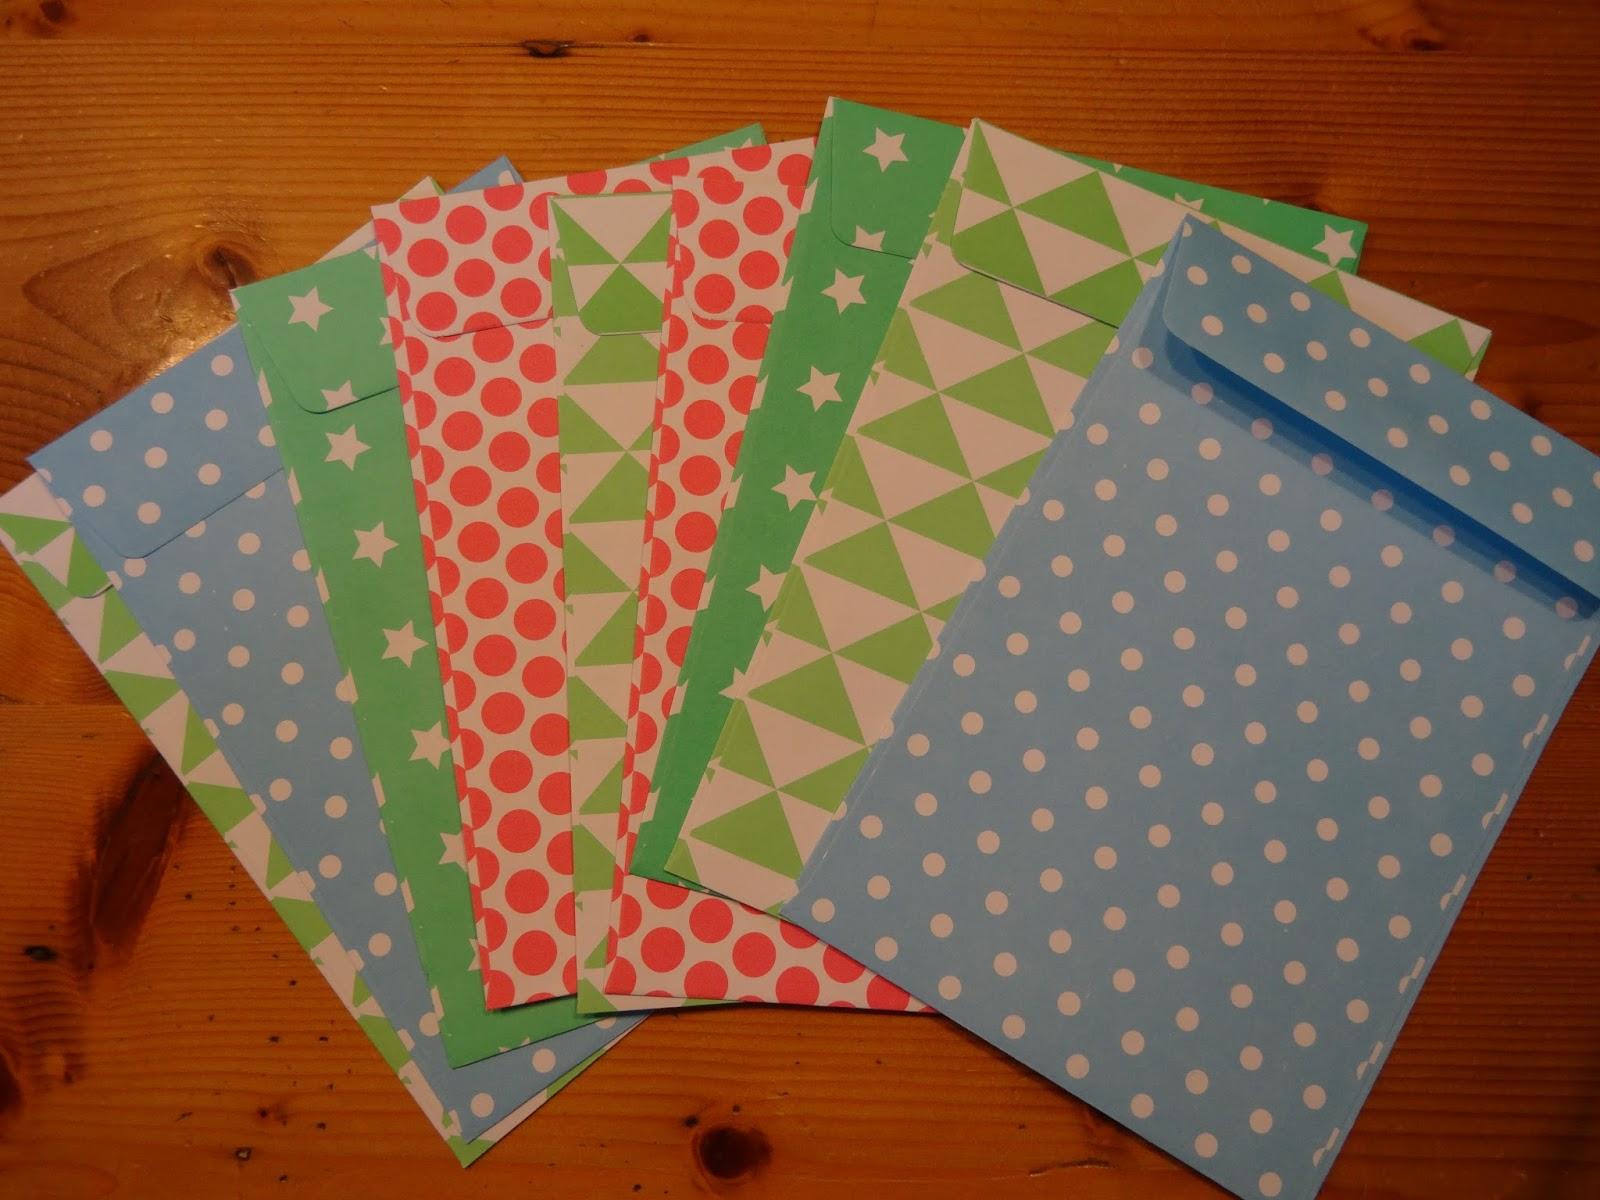 Huis tuin en keuken m zelf eveloppen boekje maken - Hoe om kleuren te maken ...